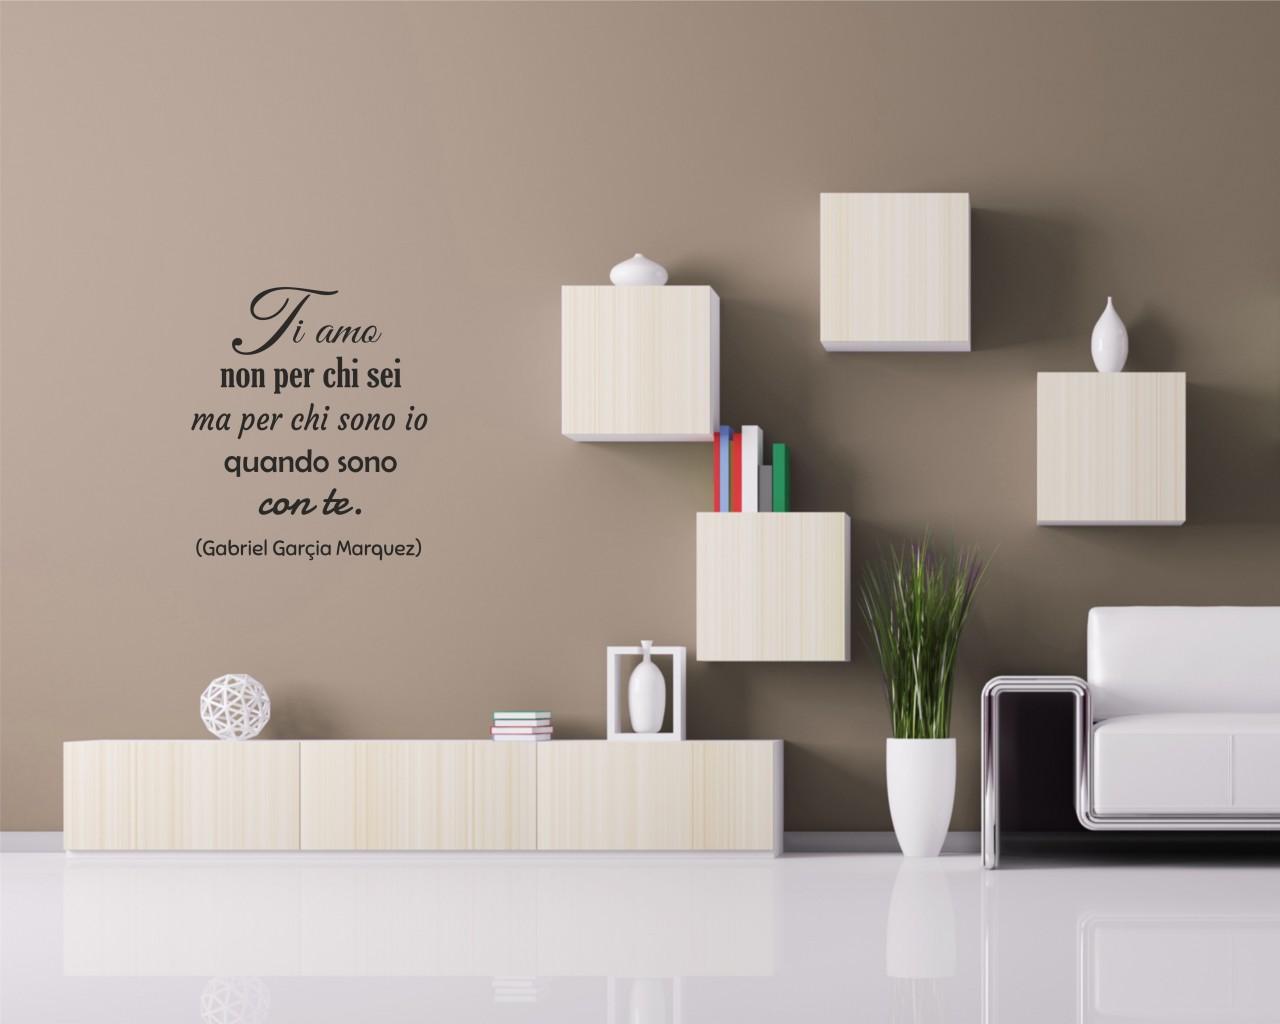 Ti amo non per chi sei frasi aforismi citazioni adesivo murale - Stencil parete ikea ...